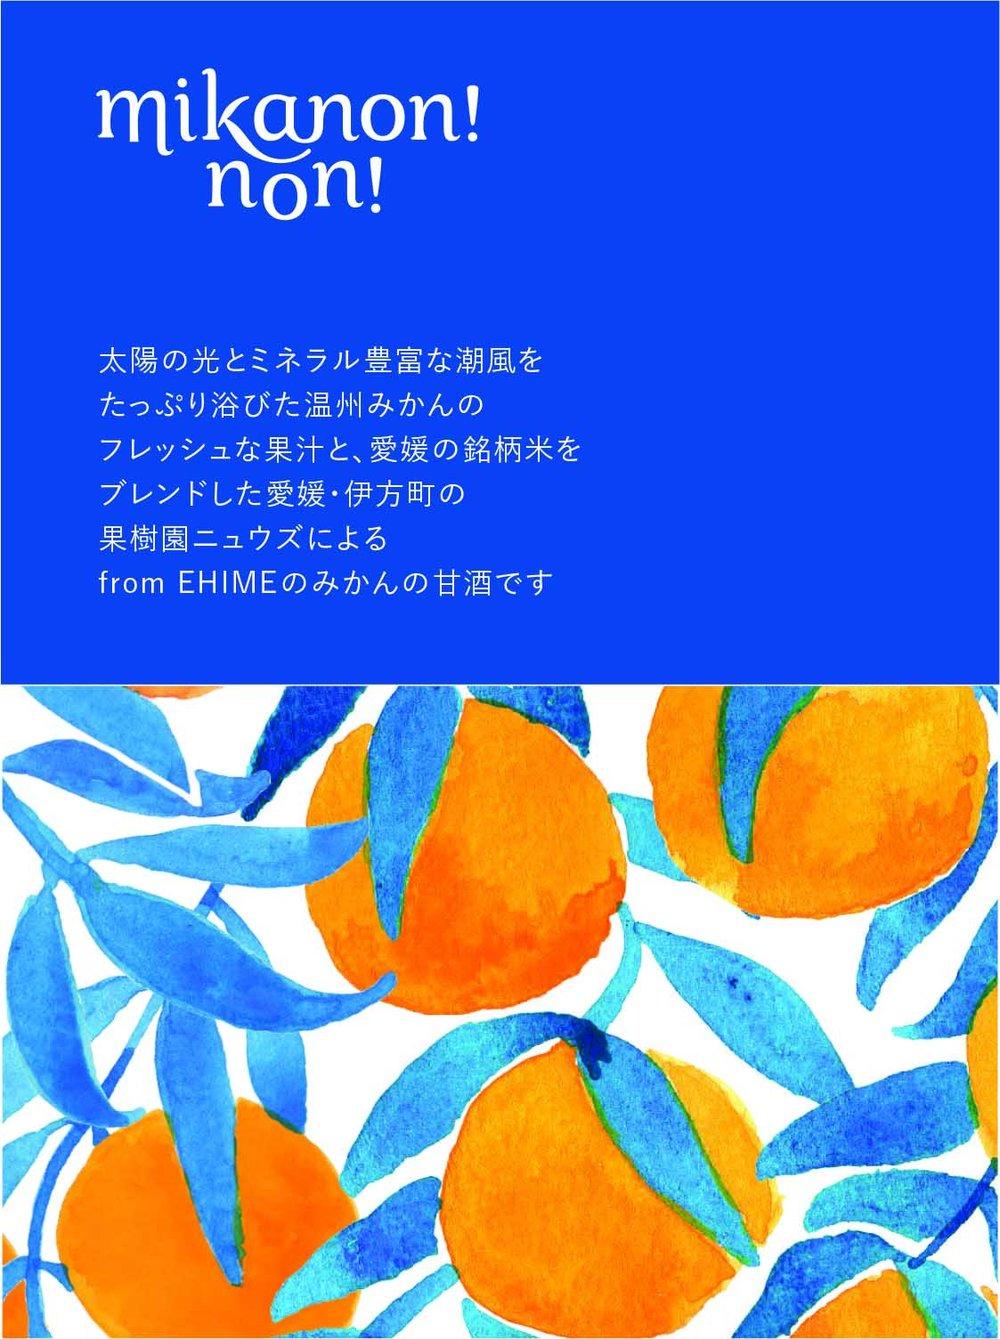 MikanSticker.jpg